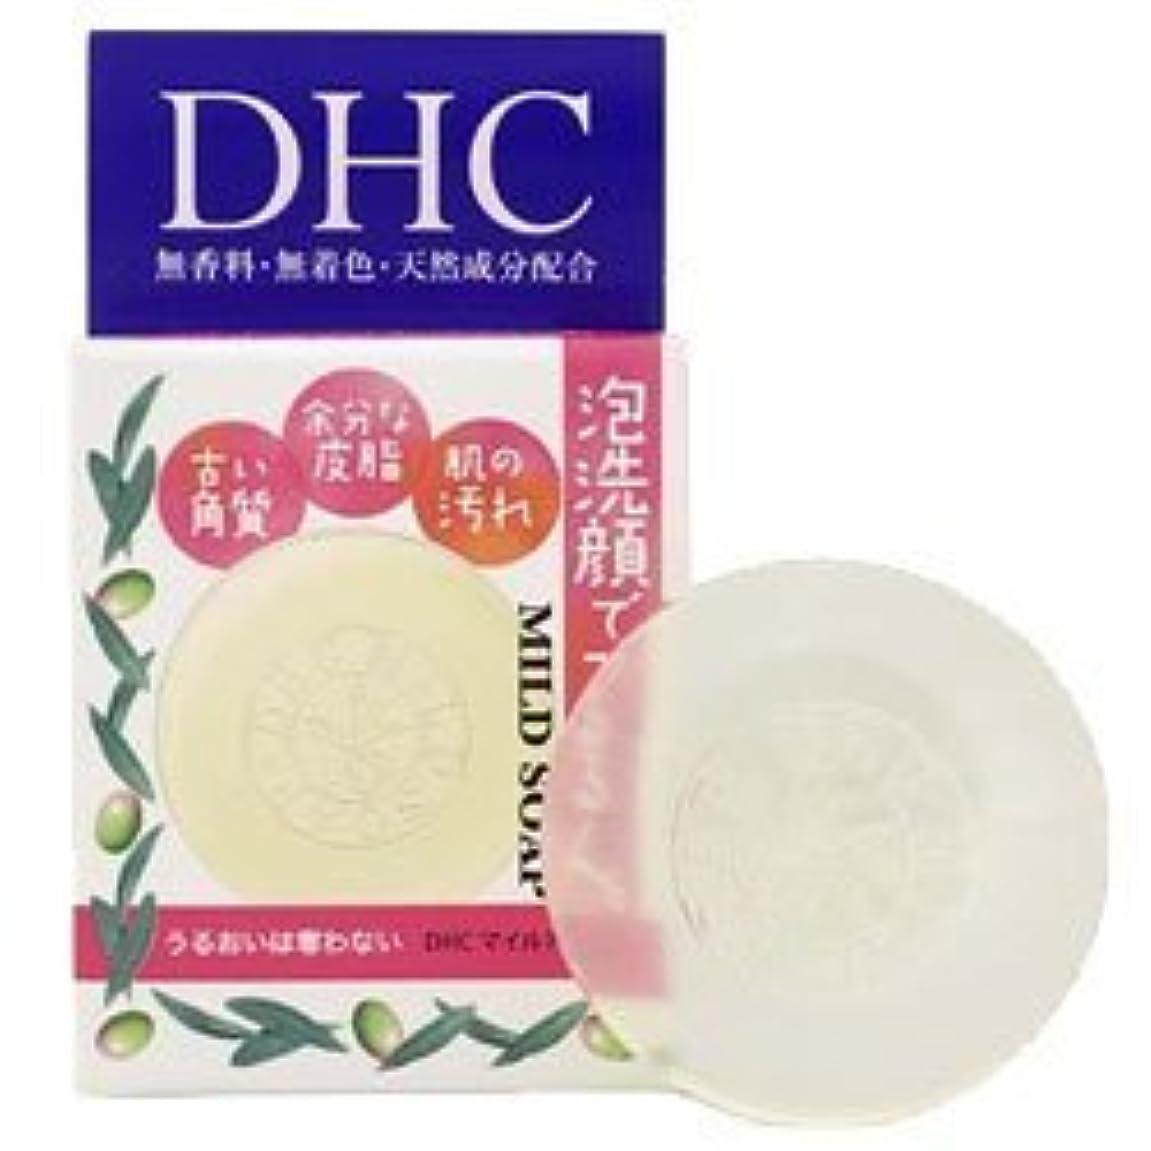 寓話強打グローブ【DHC】DHC マイルドソープ(SS) 35g ×5個セット